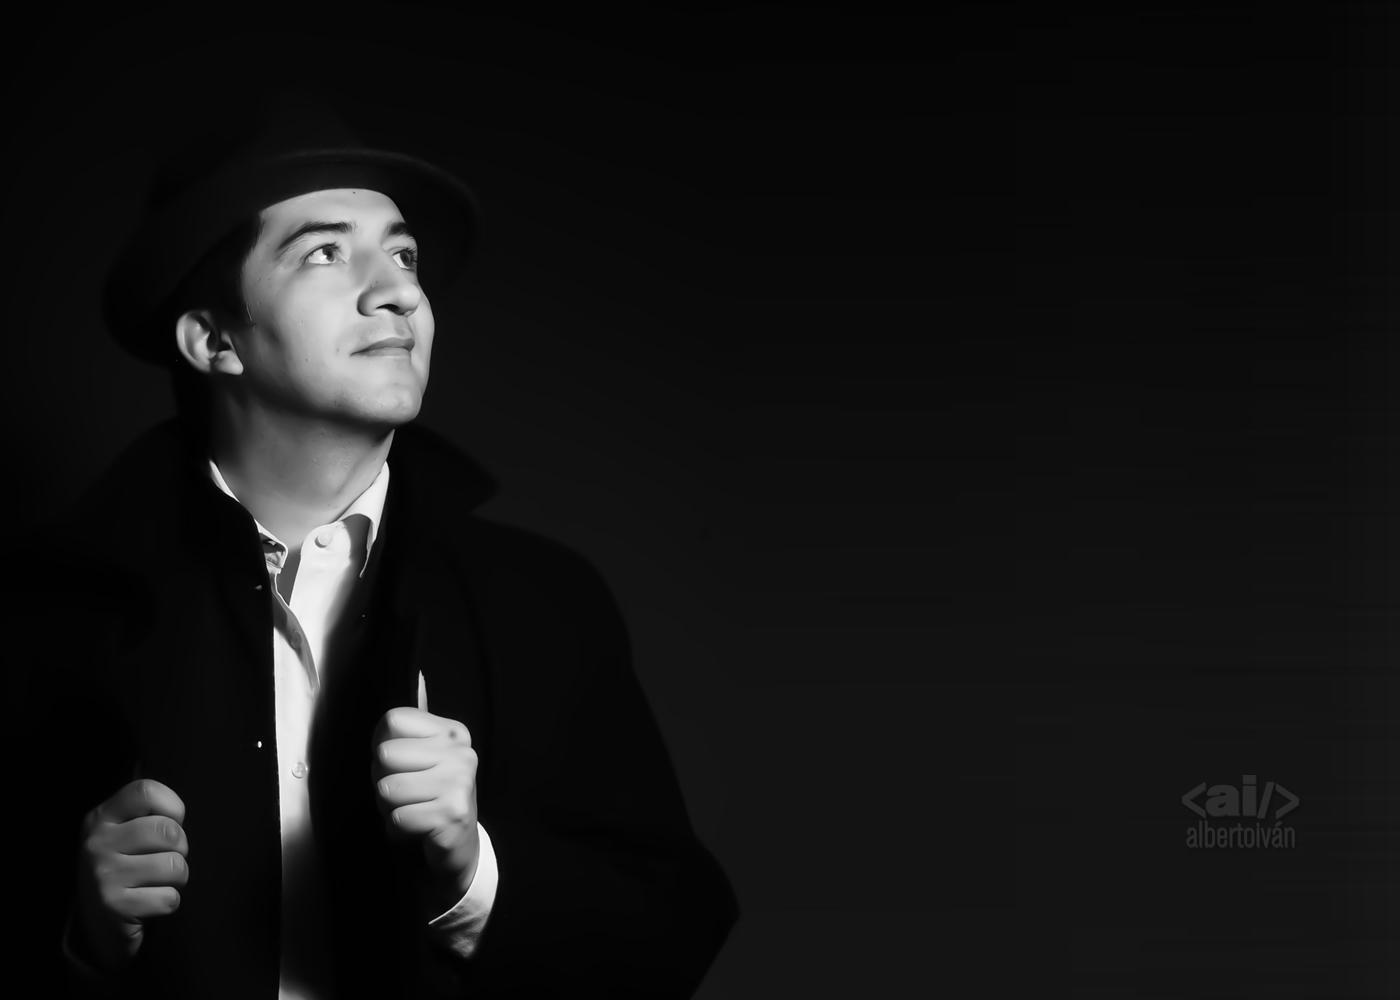 Alberto Iván